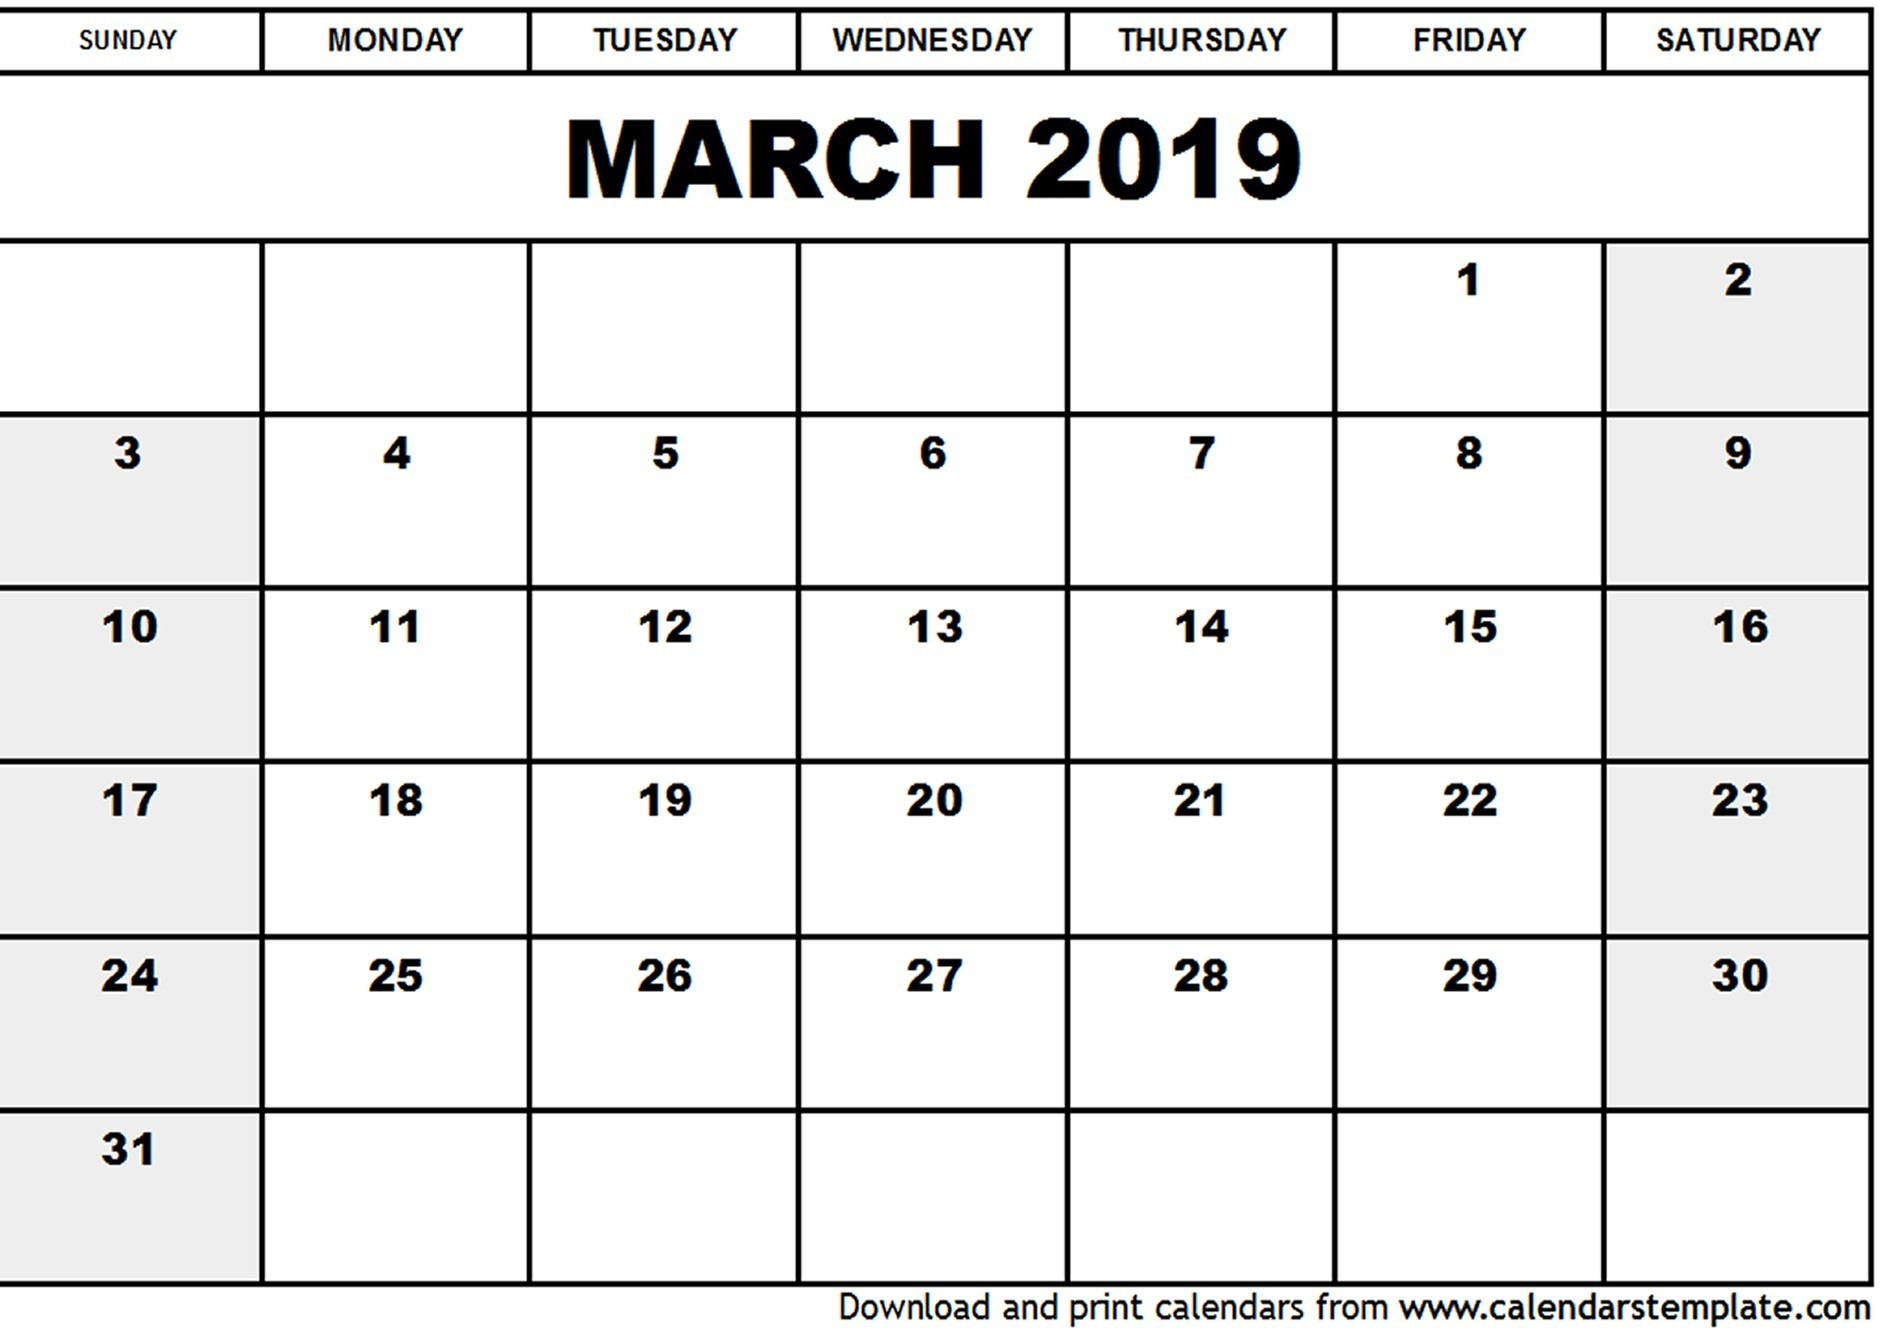 Islamic Calendar 2019 Pdf Download Más Recientemente Liberado March 29 2019 Calendar